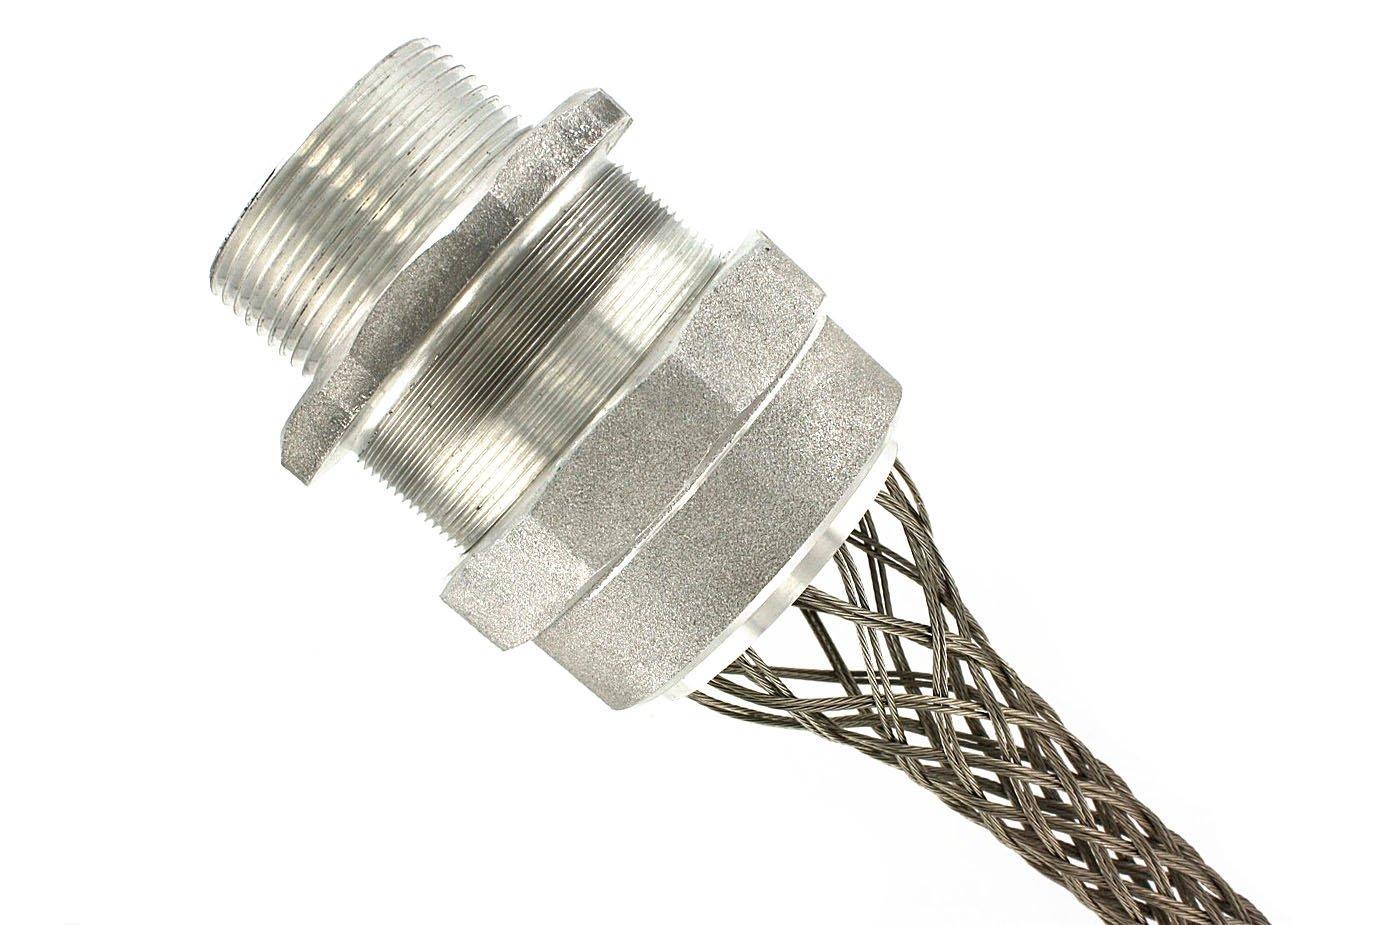 Leviton L7755 3-Inch, Straight, Male, Aluminum Body, Deluxe Cord Sealing Strain-Relief, 3.000, 3.250 Cord Range